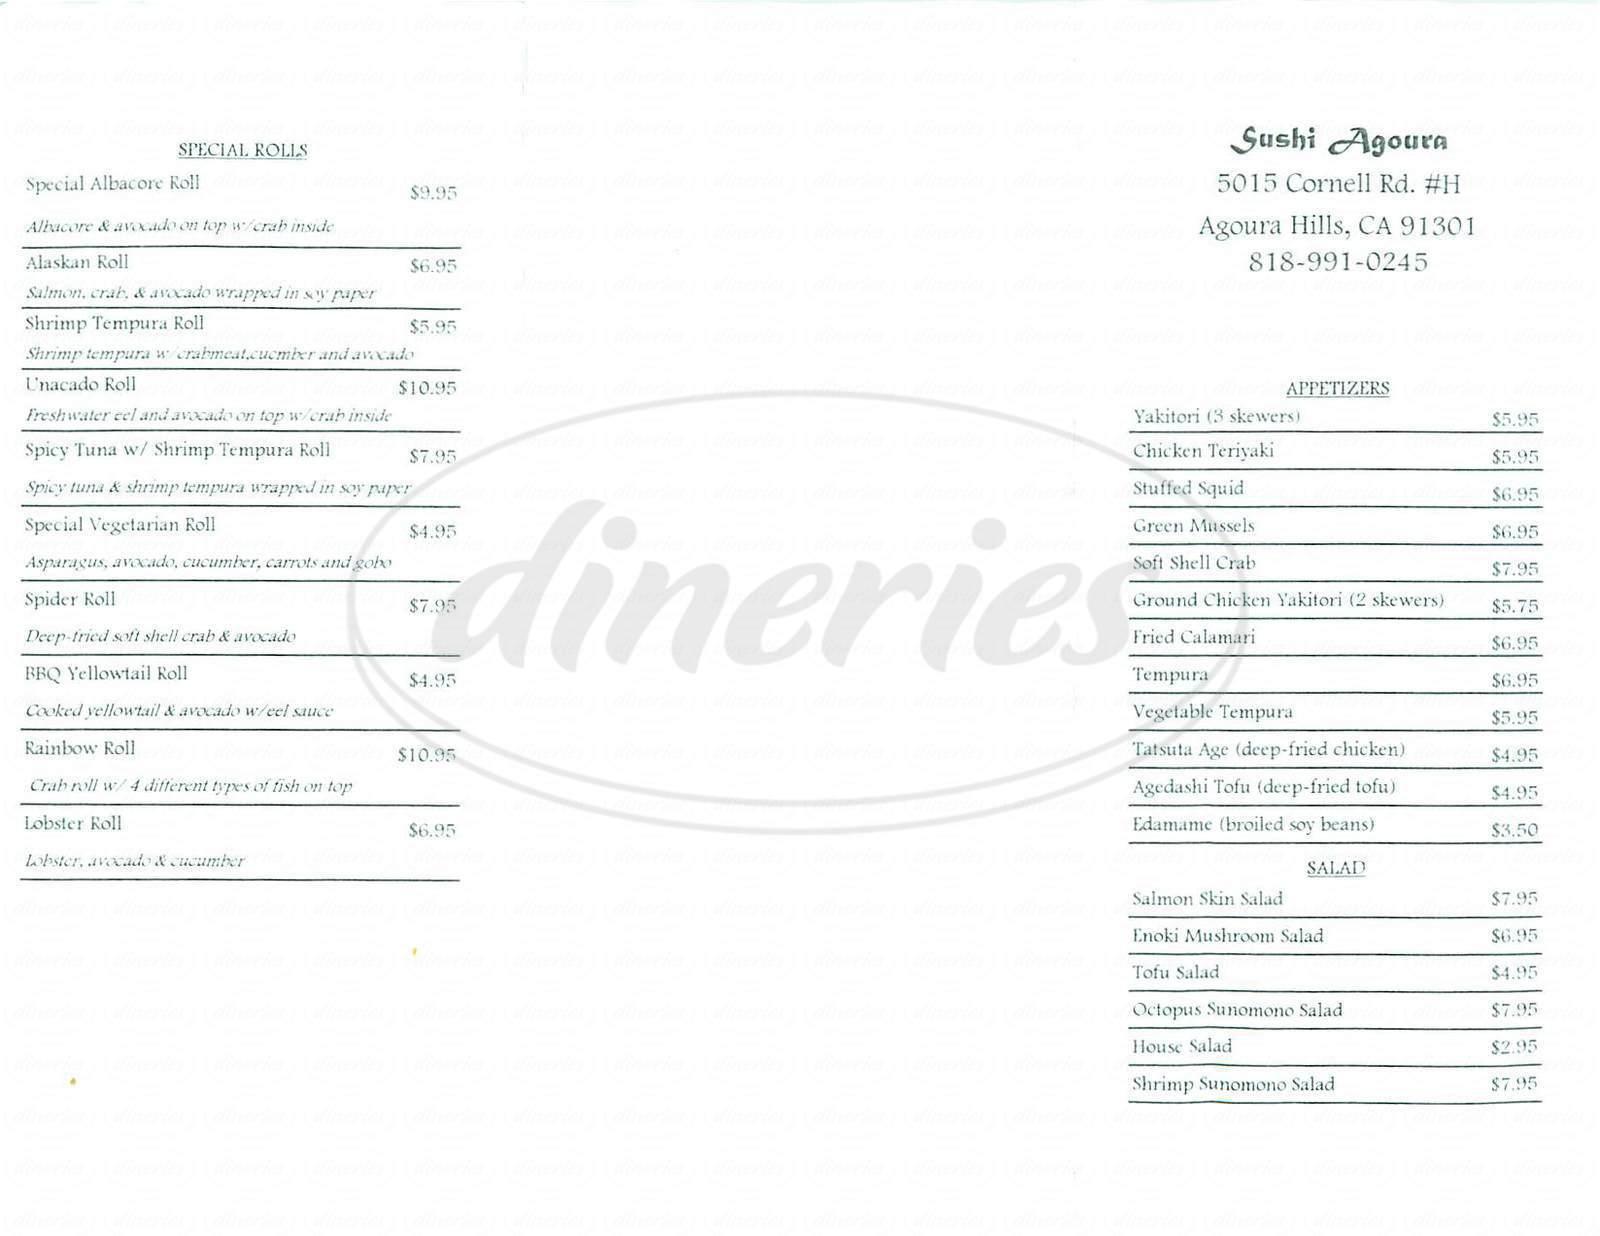 menu for Sushi Agoura